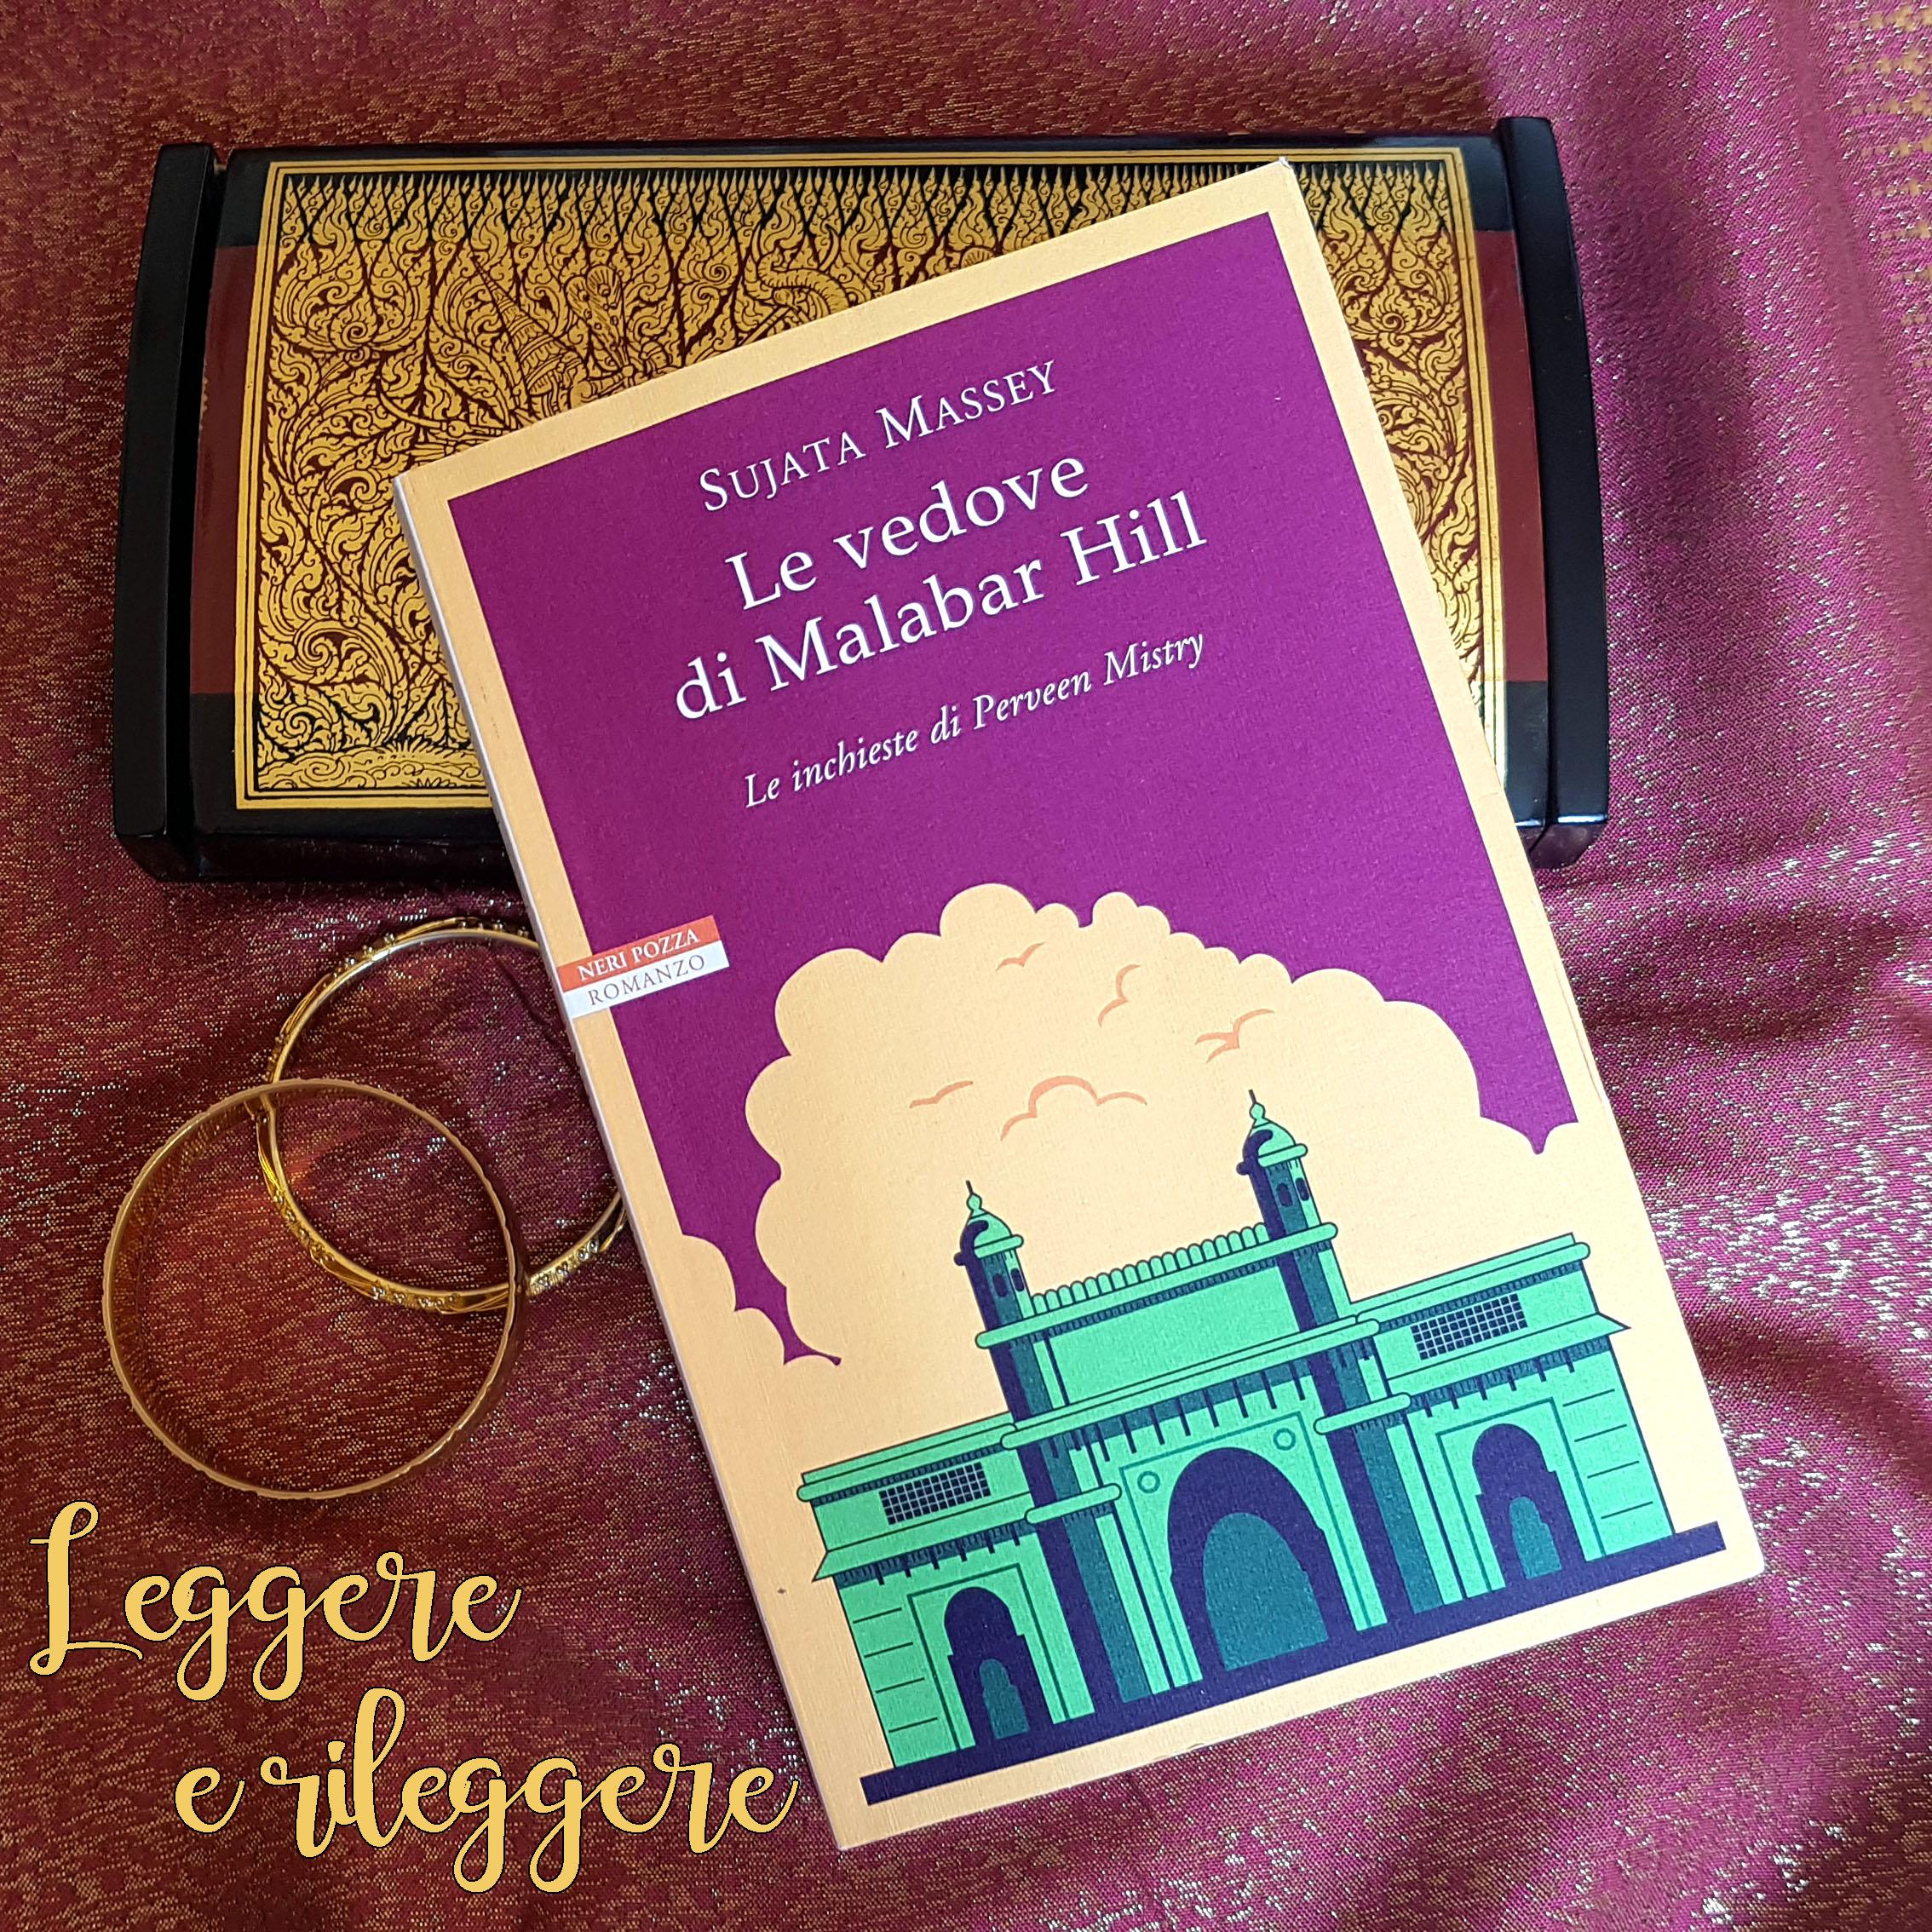 """#StoriaSceltaDa Leggere e Rileggere blog: """"Le vedove di Malabar Hill"""" di Sujata Massey"""